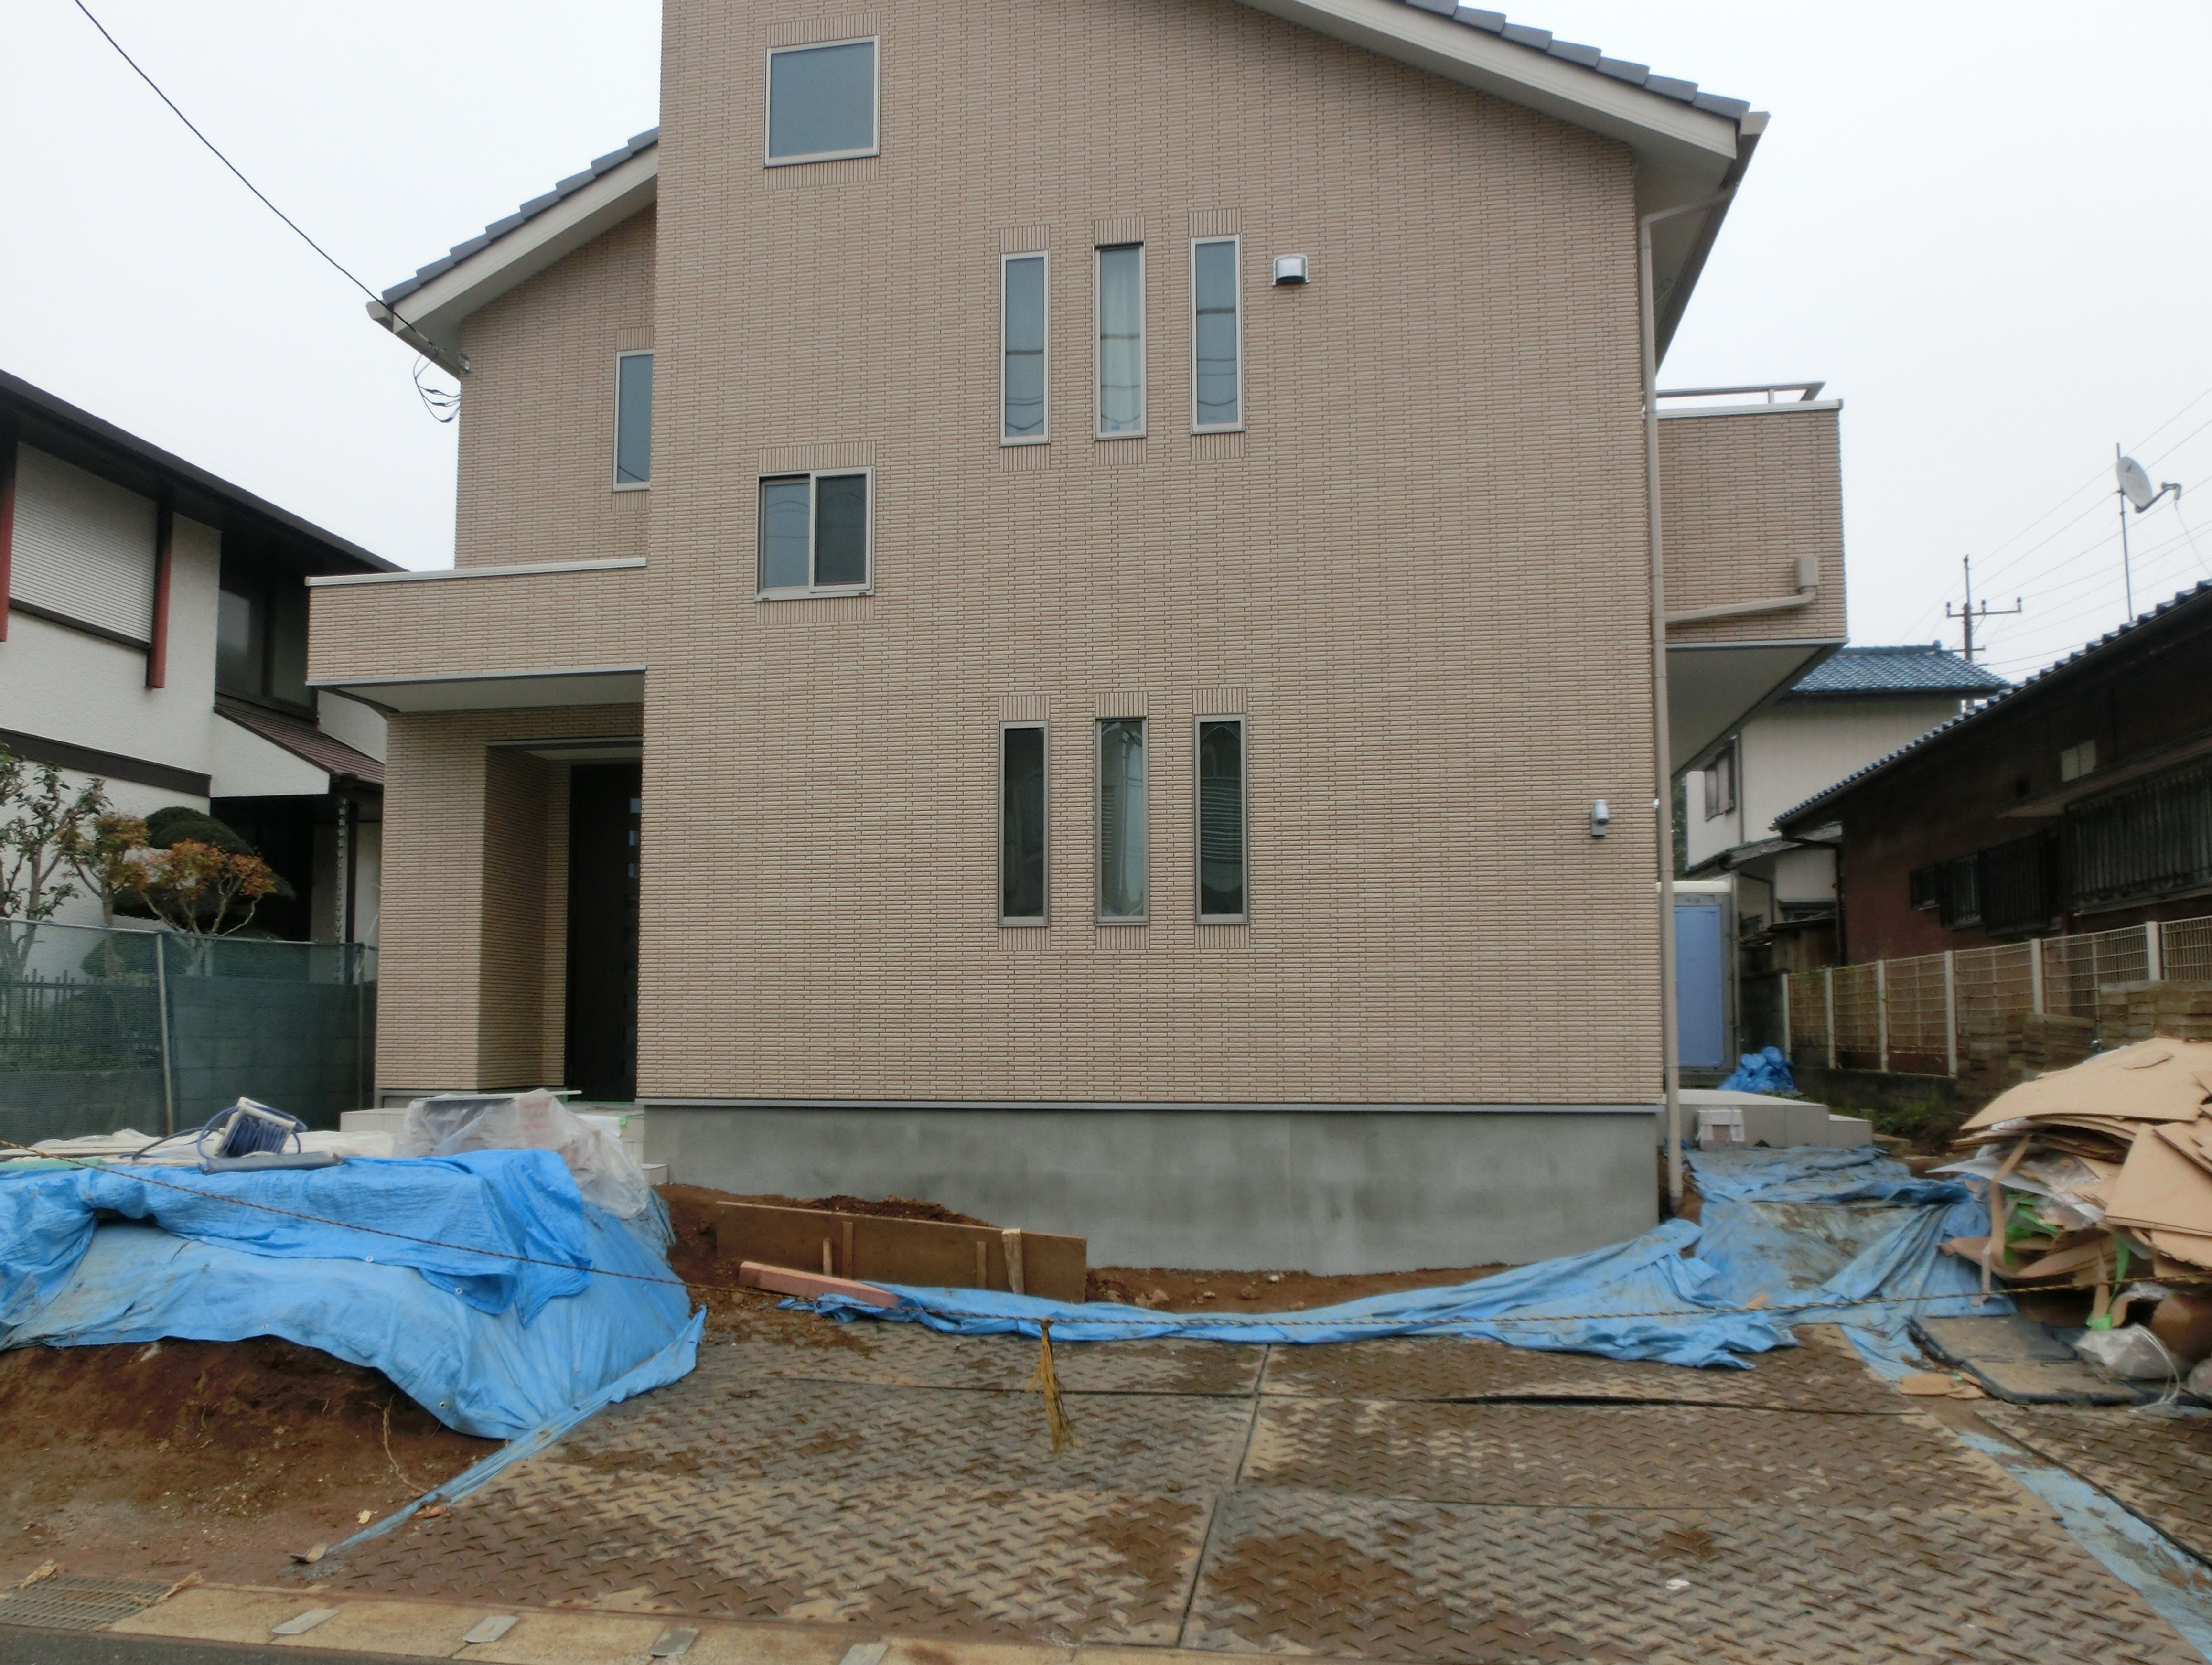 石貼りの階段があるエクステリア<br>千葉市K様邸7